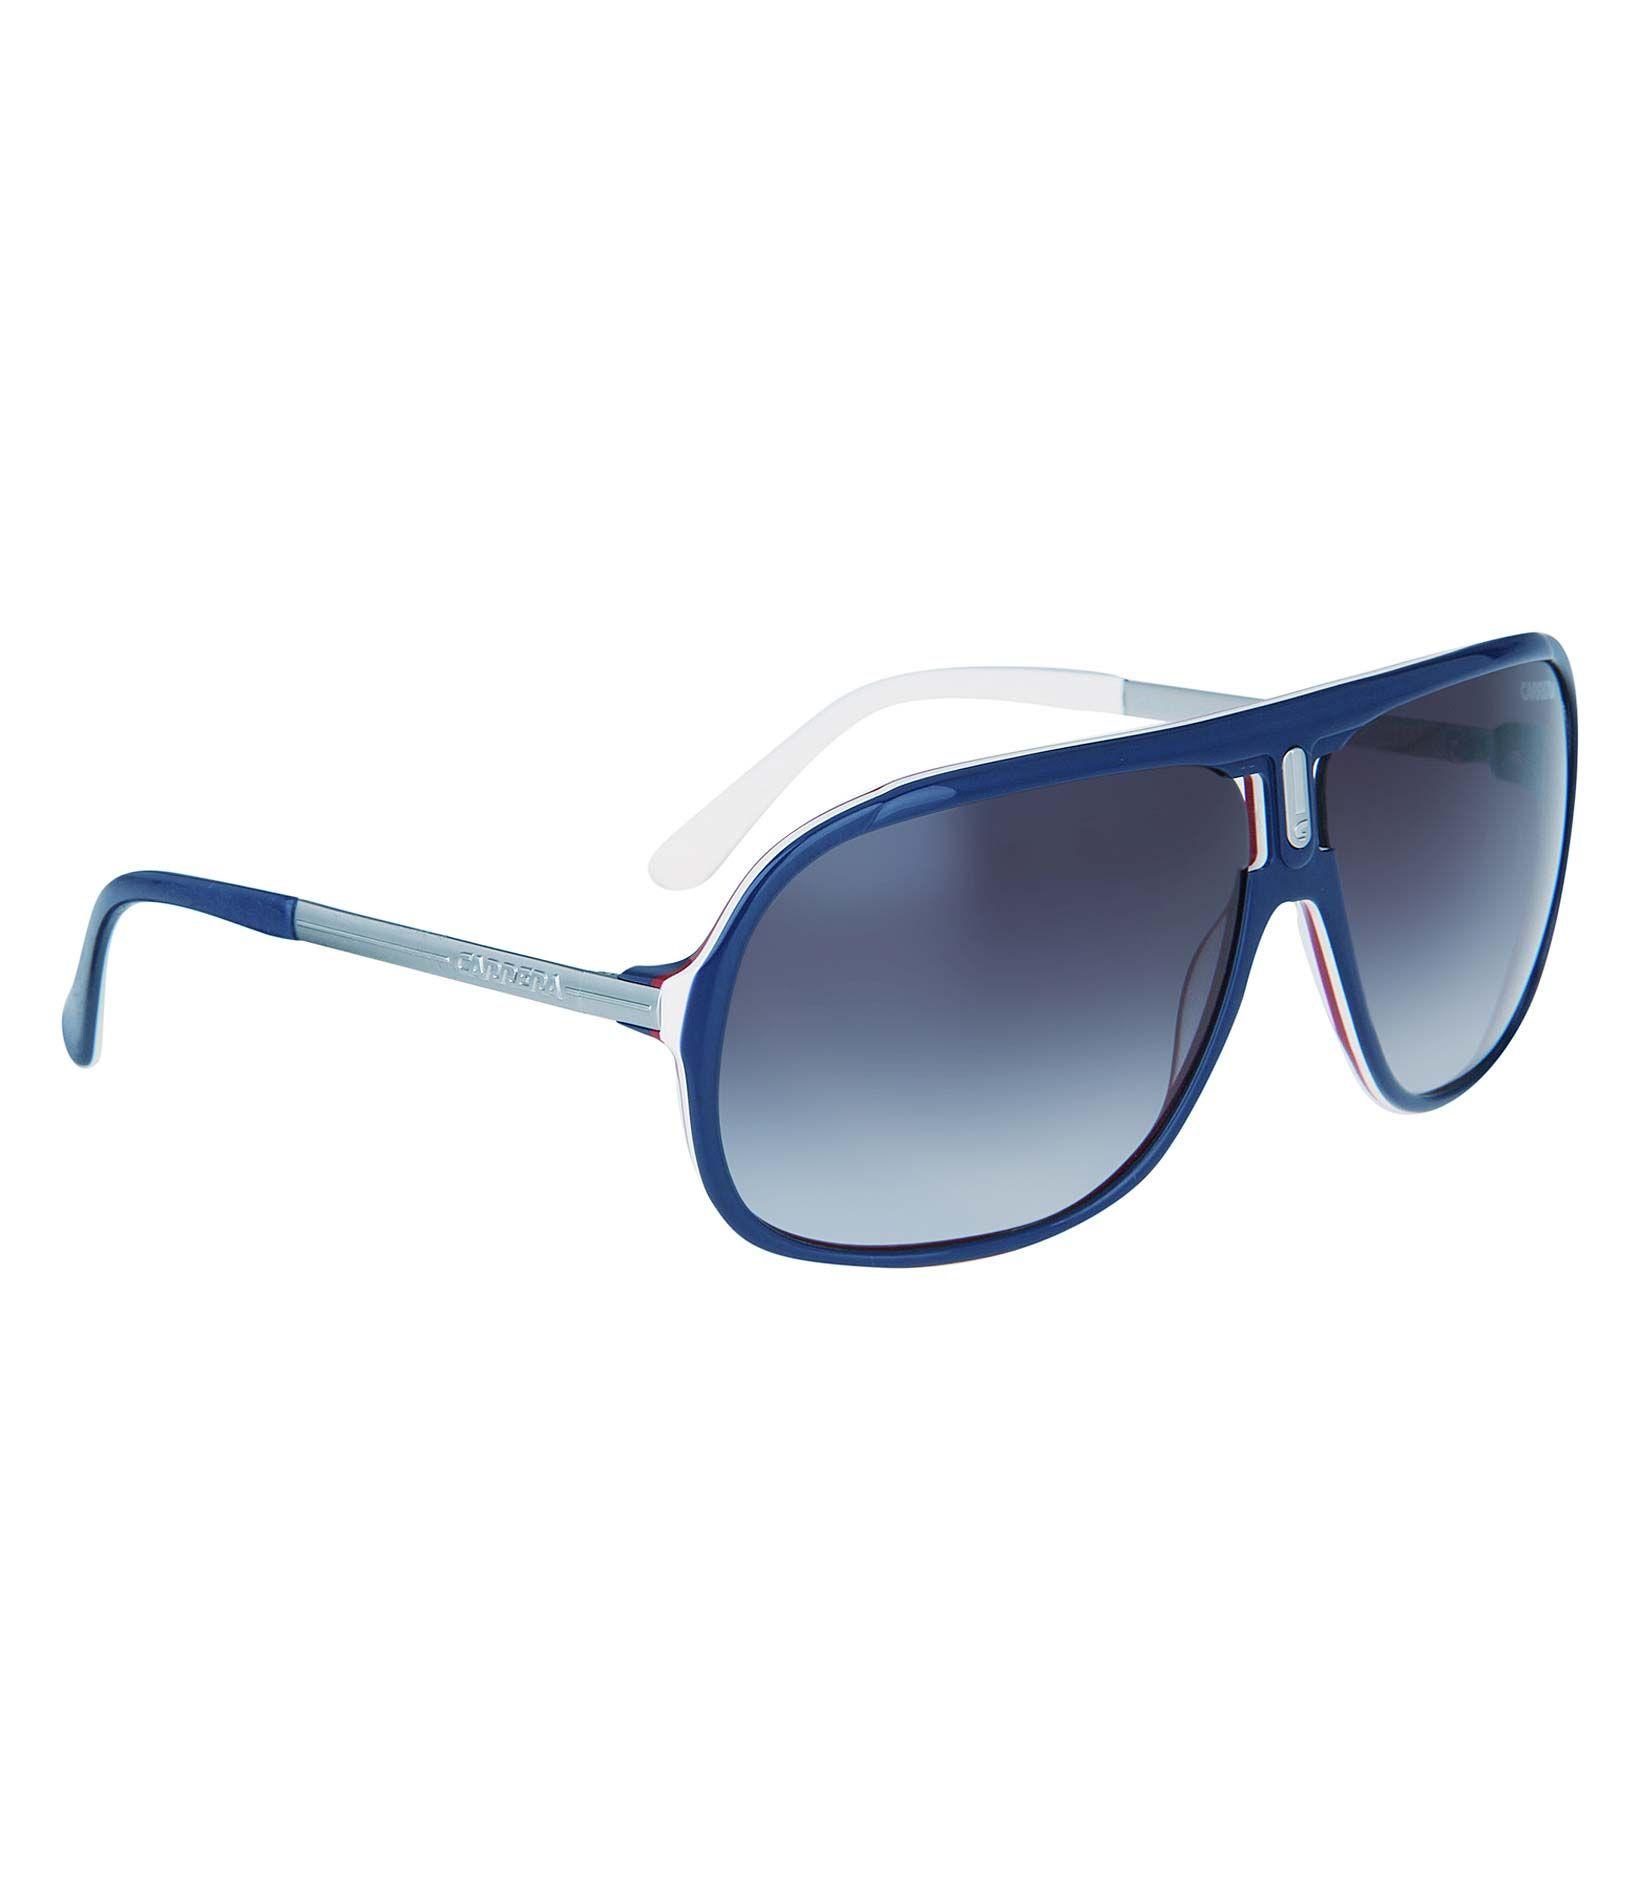 e7fb22feb ÓCULOS CARRERA MASCULINO QUADRADO Óculos Carrera, Óculos Masculino, Oculos  De Sol, Lojas,